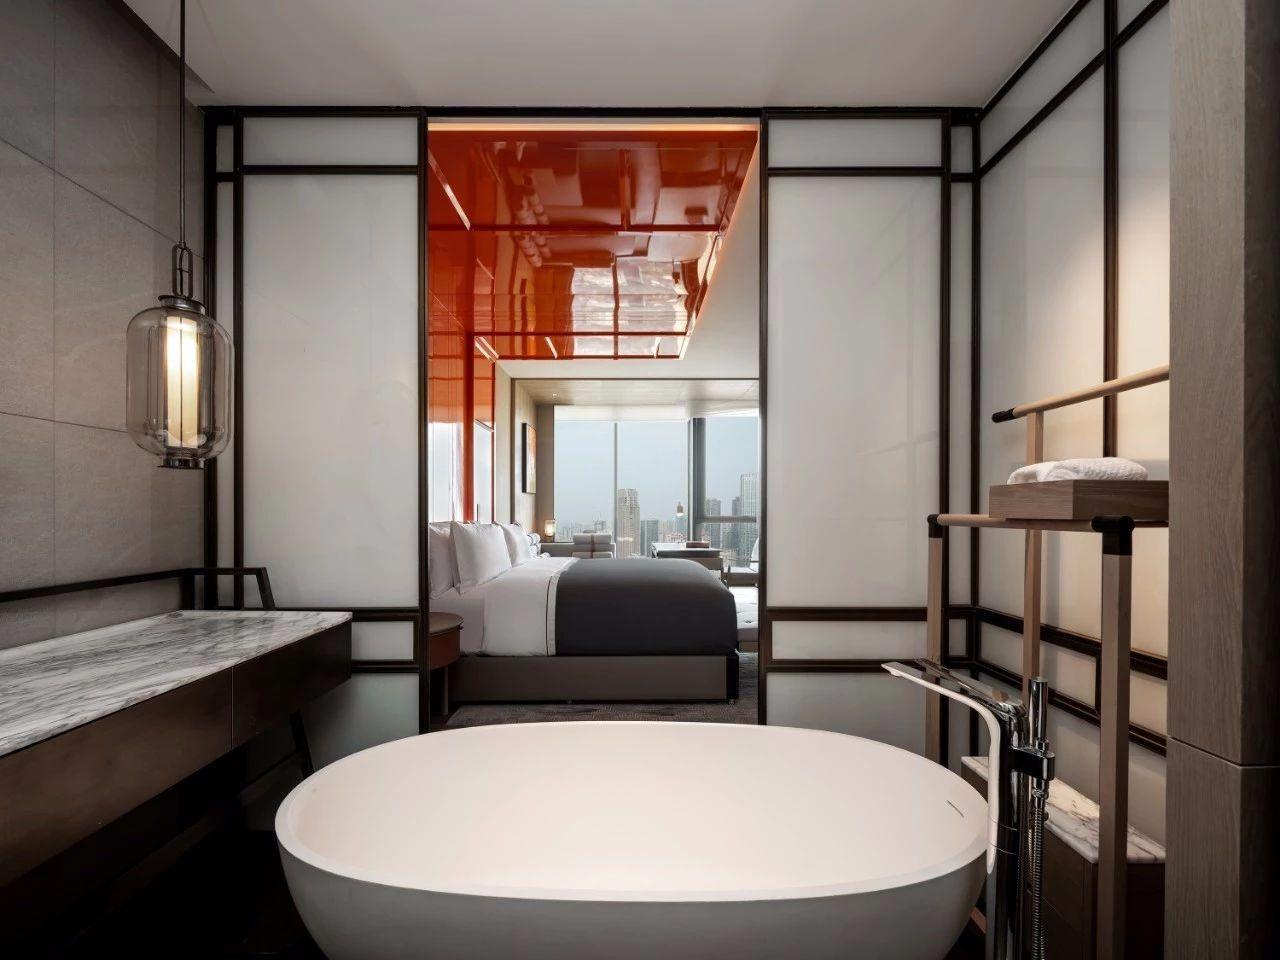 新作 | 成都 !亚太首家 Canopy 酒店,CCD如何用传统材料定义现代时尚艺术